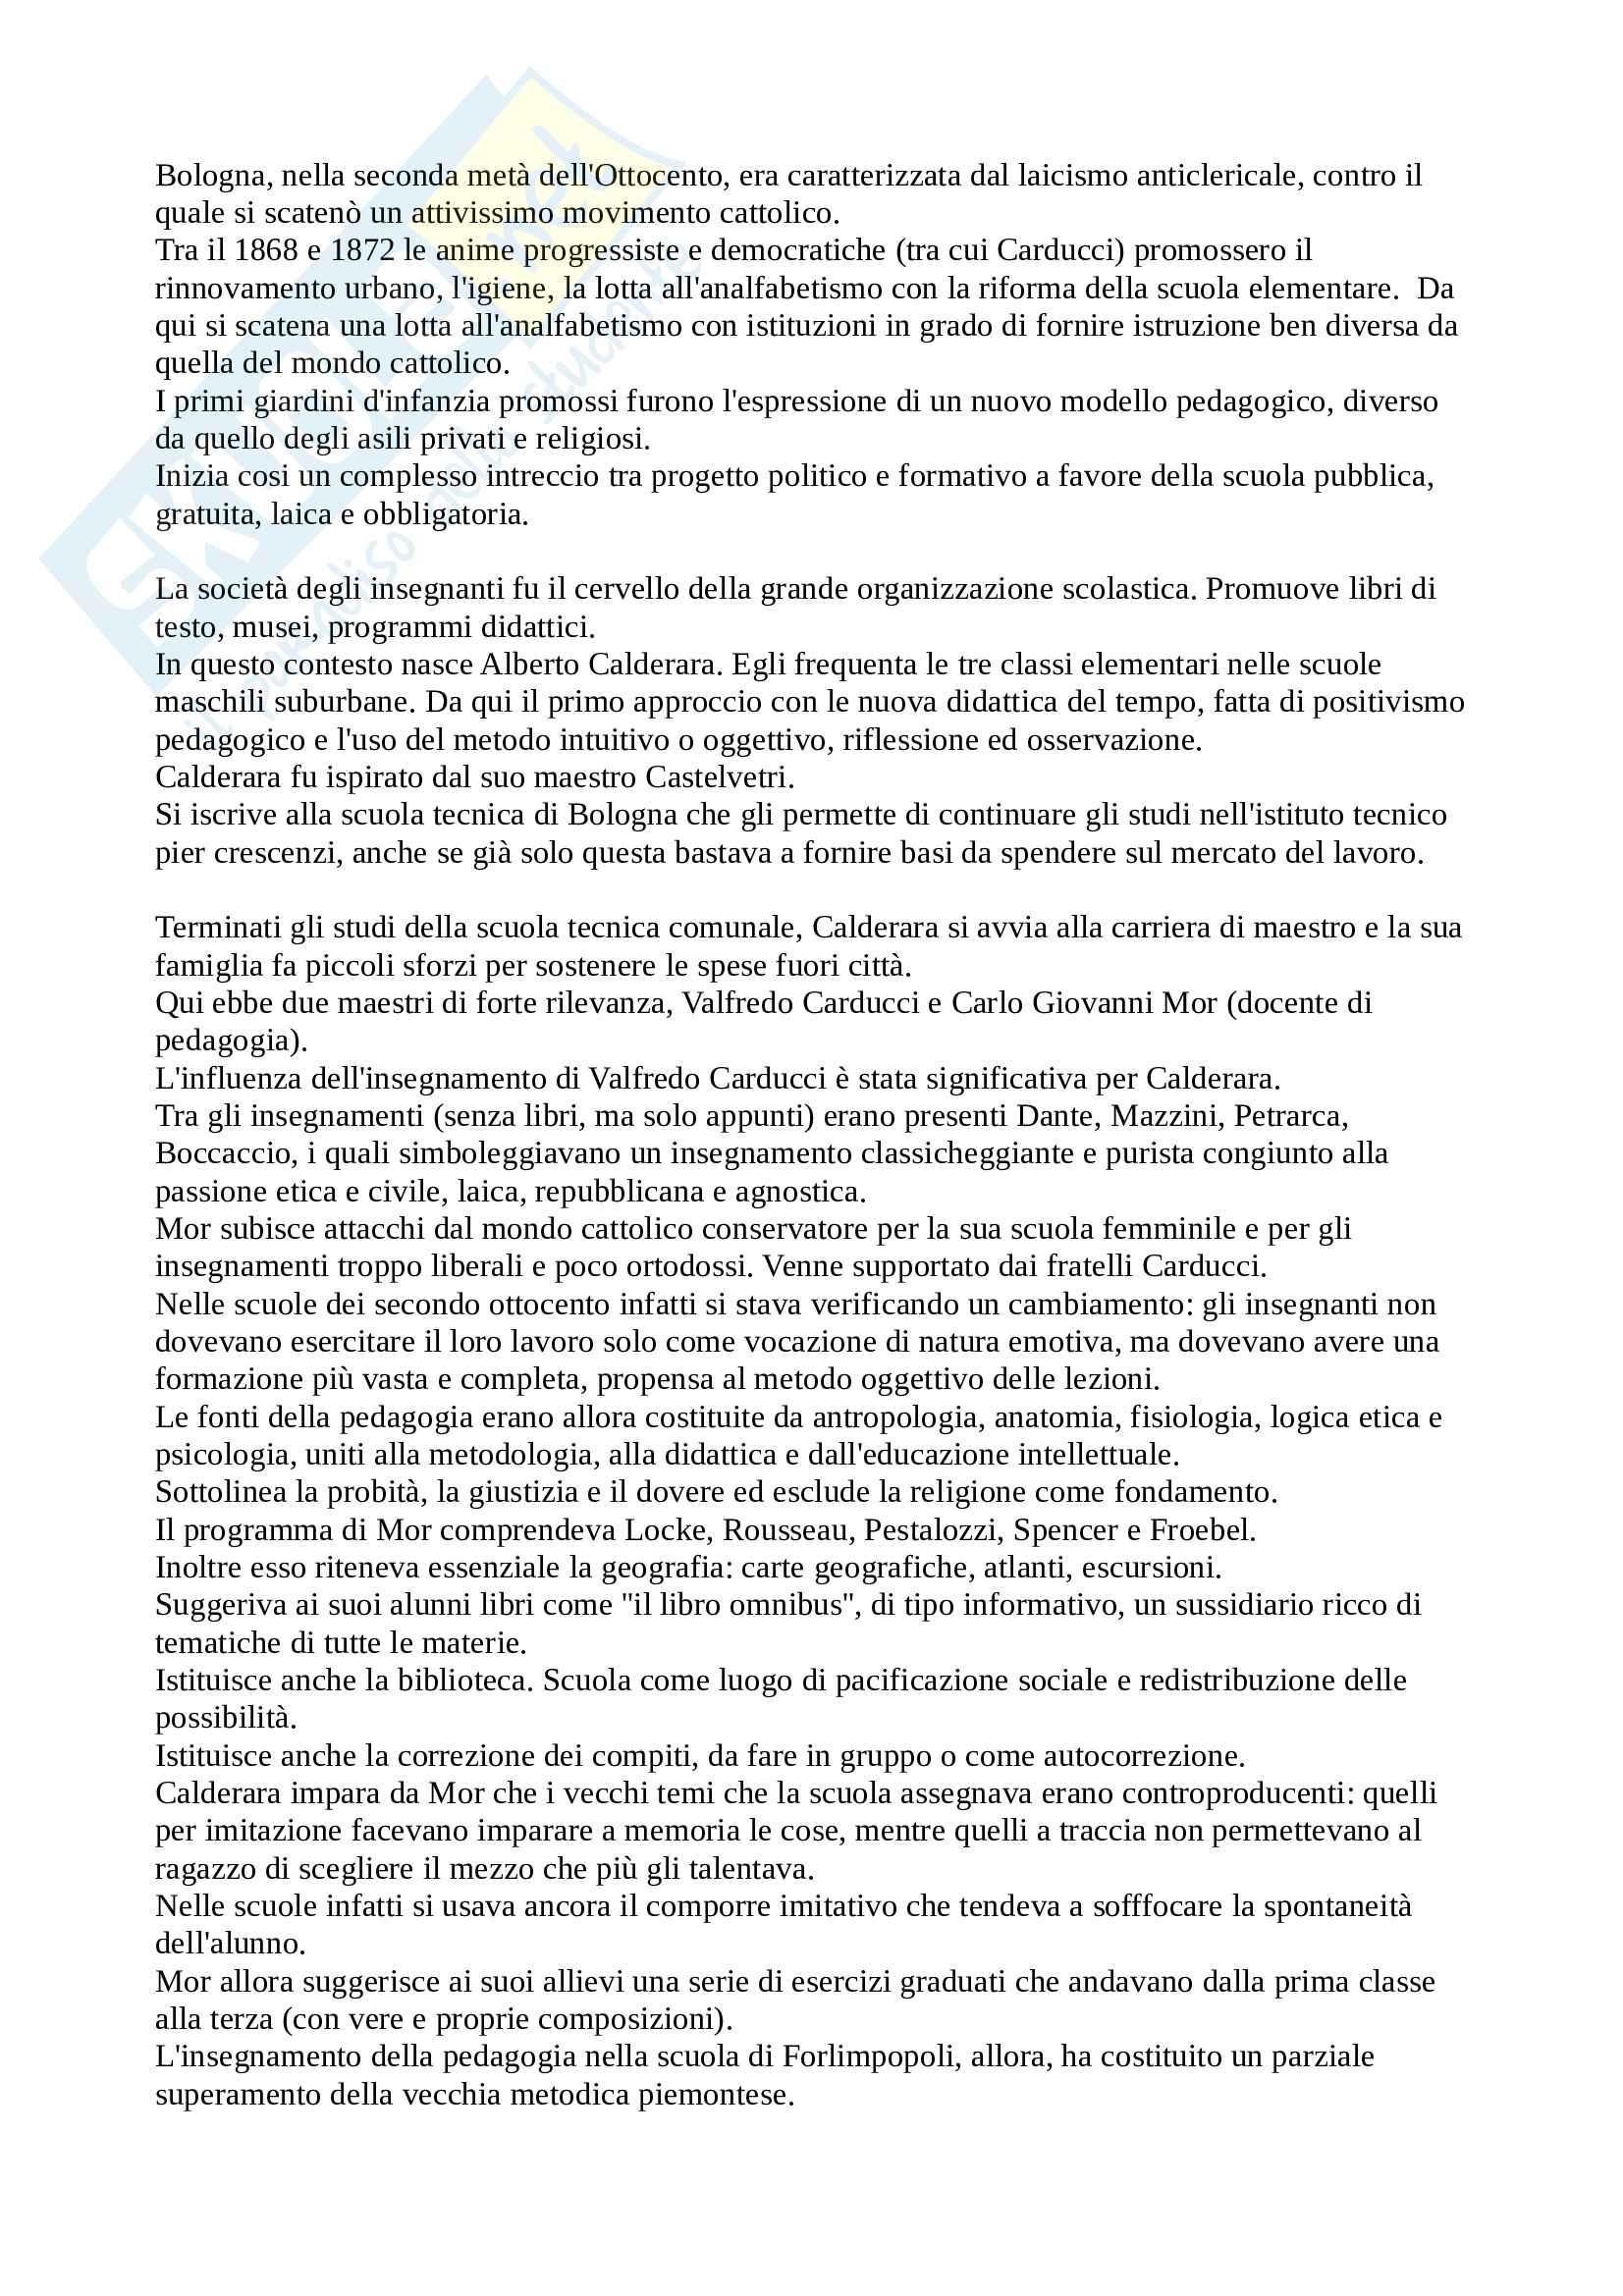 Riassunto esame Storia dell'educazione, docente D'ascenzo, libro consigliato Alberto Calderara, Microstoria di una professione docente tra Otto e Novecento, D'ascenzo